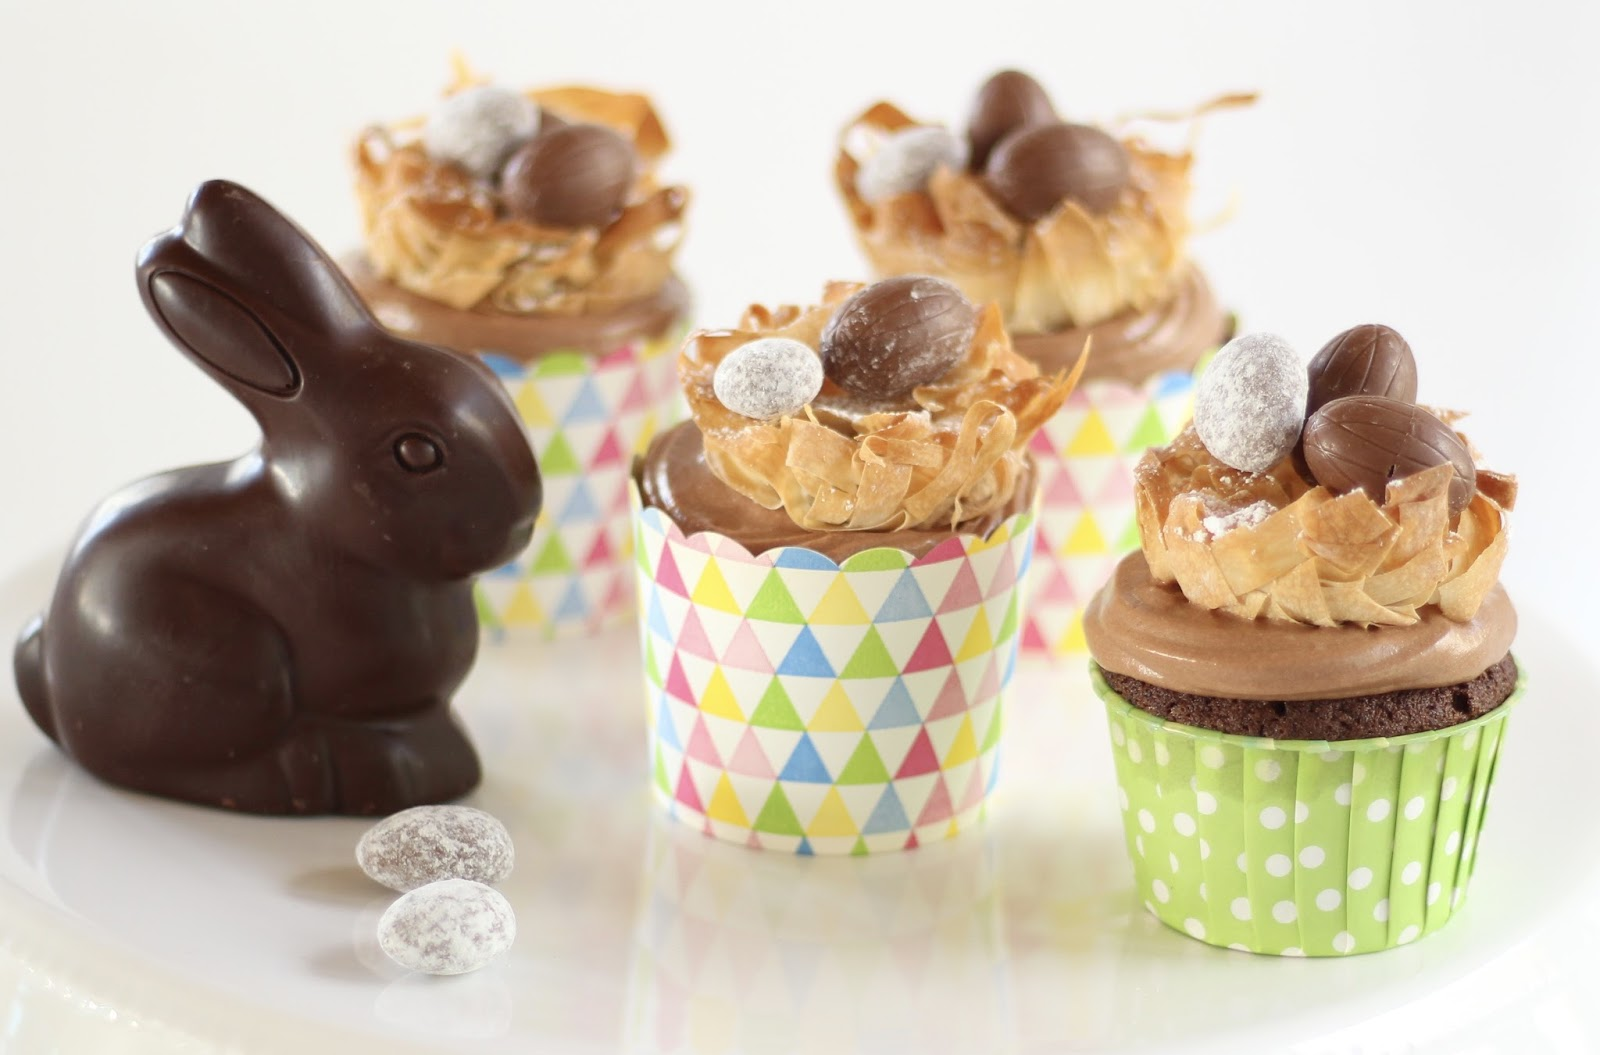 Traumhaft flauschige Cupcakes mit Schokoladenbuttercreme und Osternest aus Knusperteig - Video Rezept